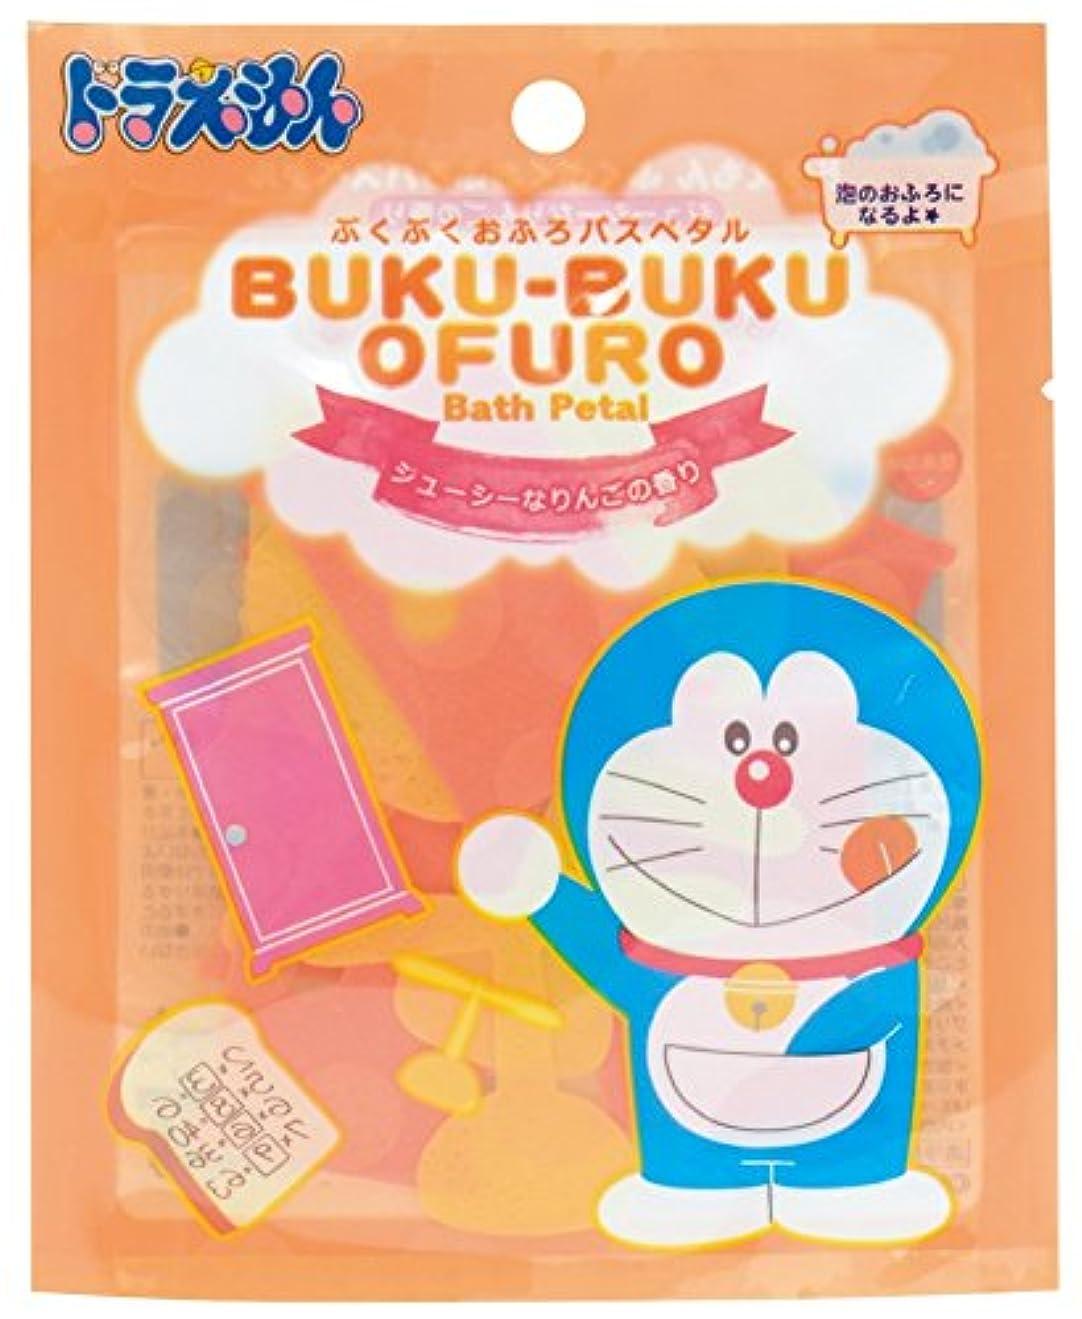 なめる志す徐々にドラえもん 入浴剤 ぶくぶくおふろ バスペタル りんご の香り ひみつ道具 OB-DOR-1-2